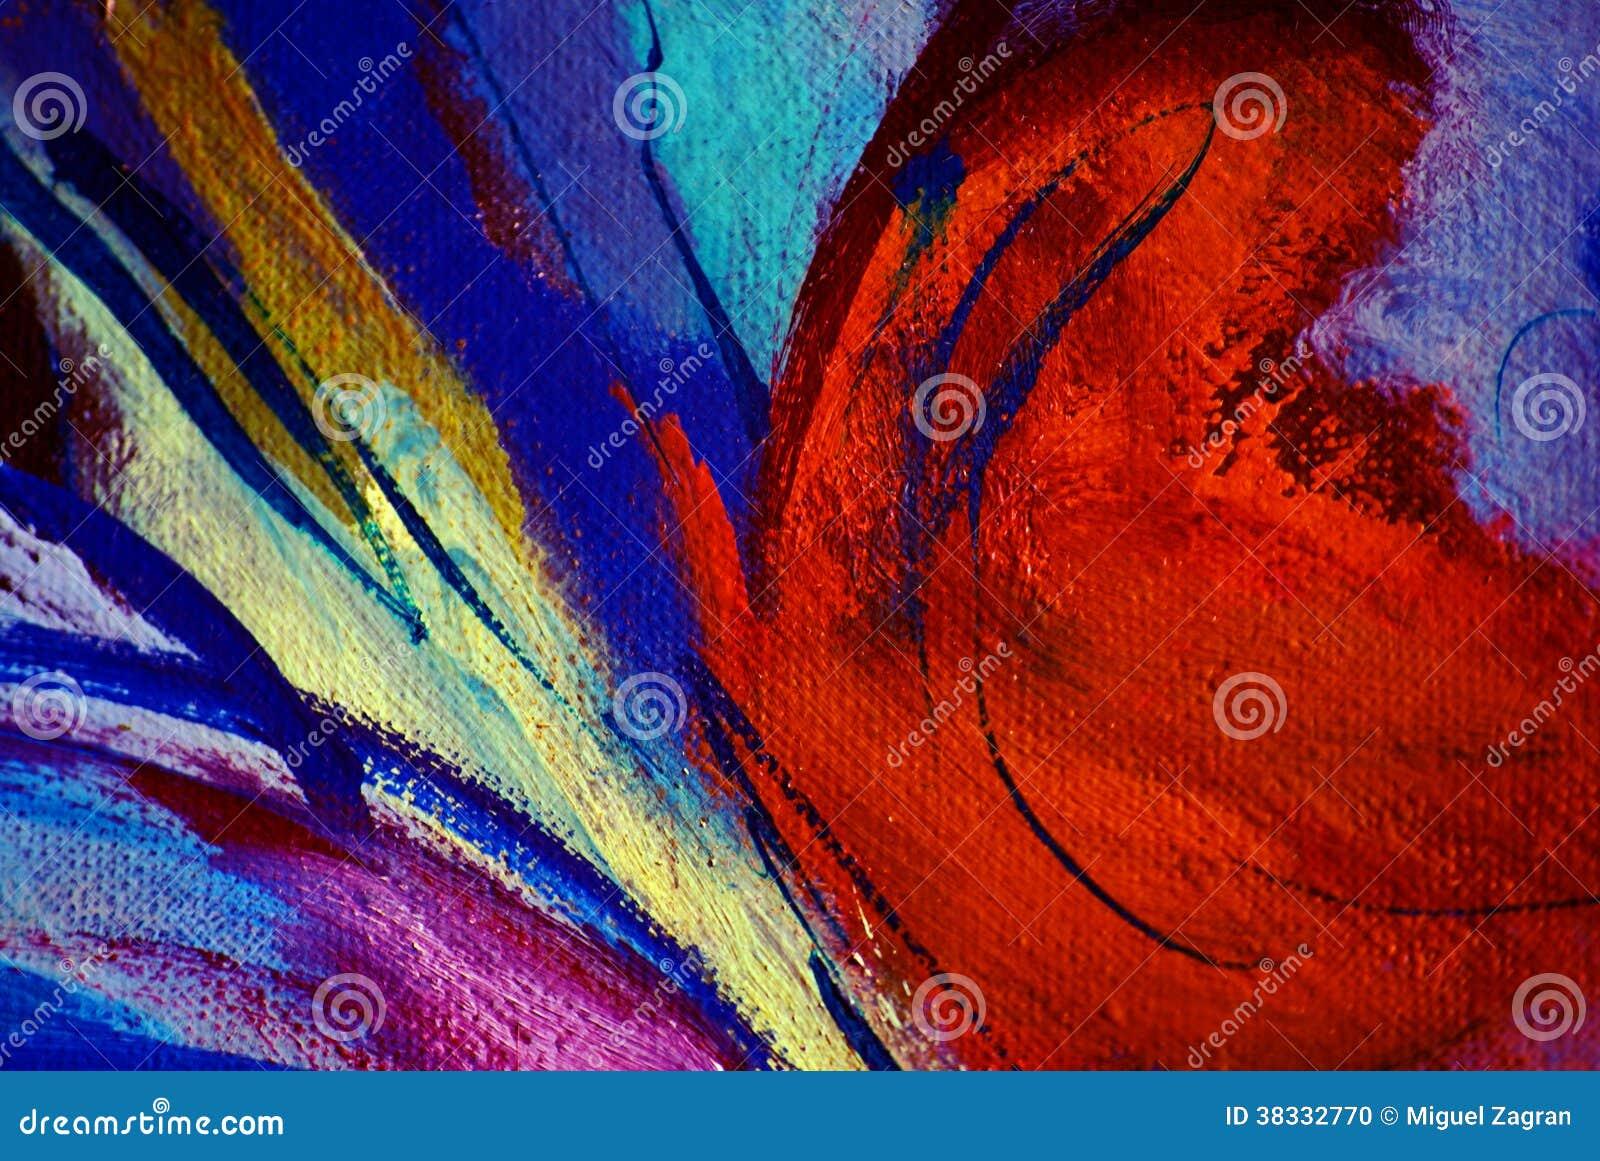 由油的抽象绘画在帆布,例证,背景